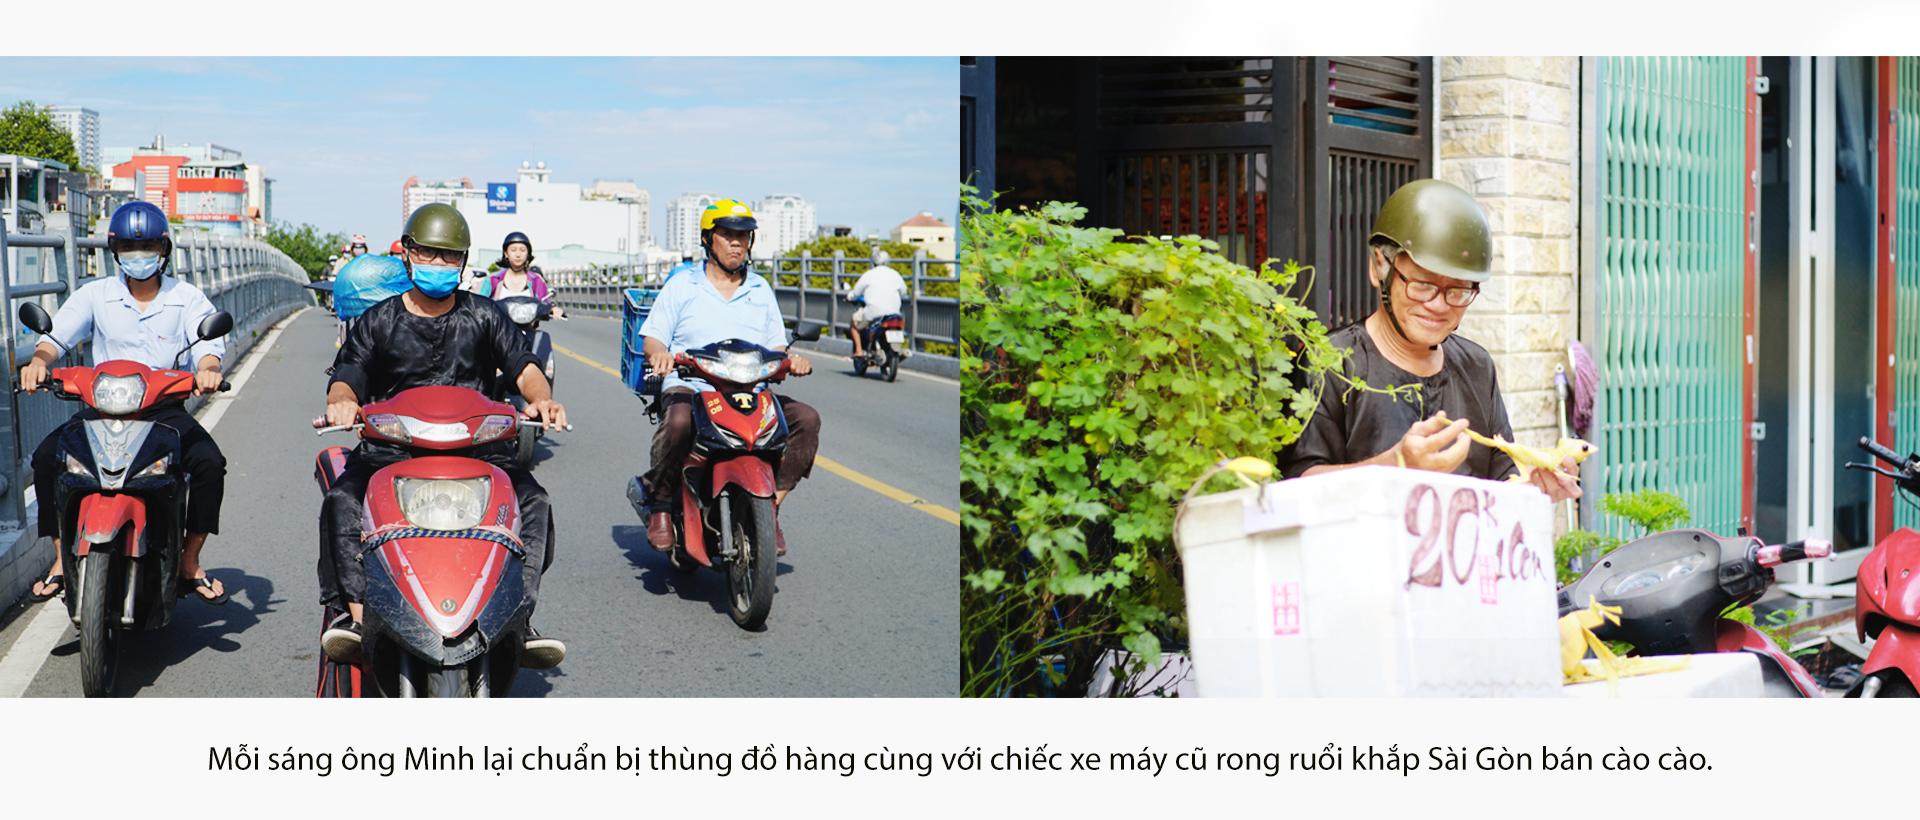 Họa sĩ già bán cào cào chở tuổi thơ đi khắp Sài Gòn - ảnh 3